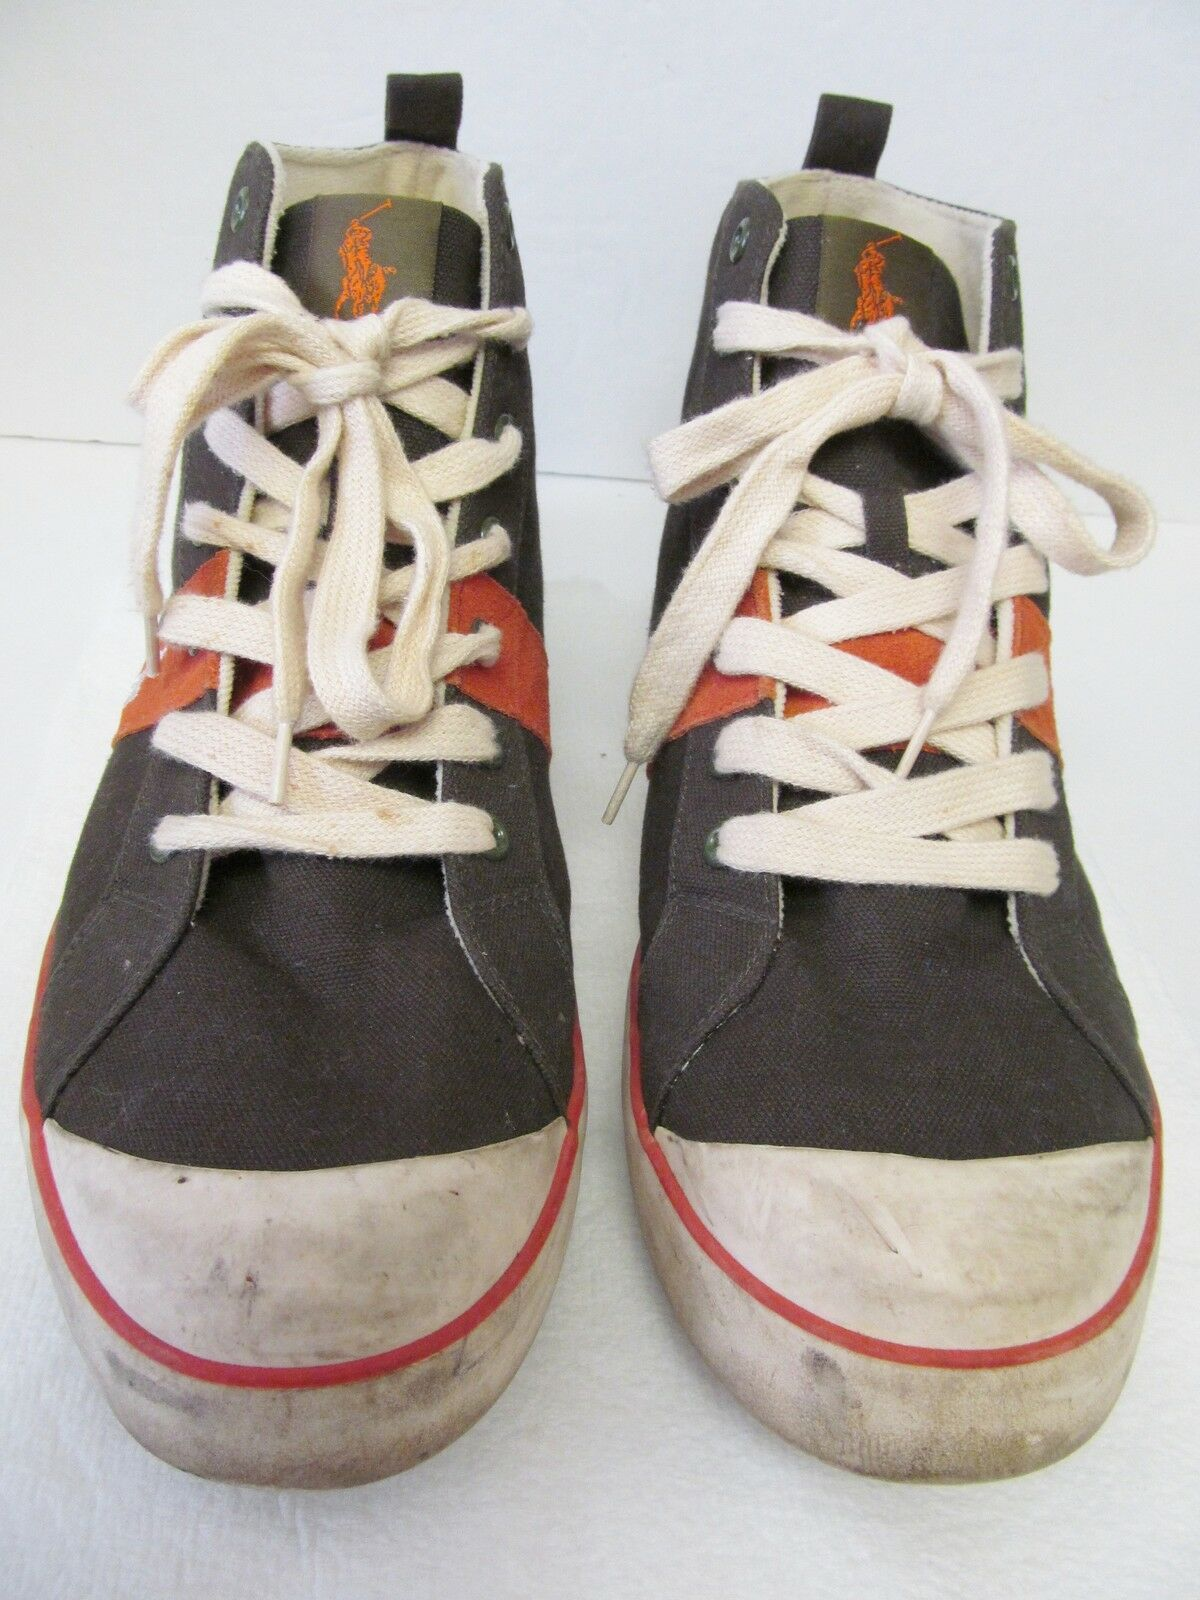 Polo Ralph Lauren Hi-Top Canvas Sneaker Shoes Athletic Fashion Black Orange 13 D